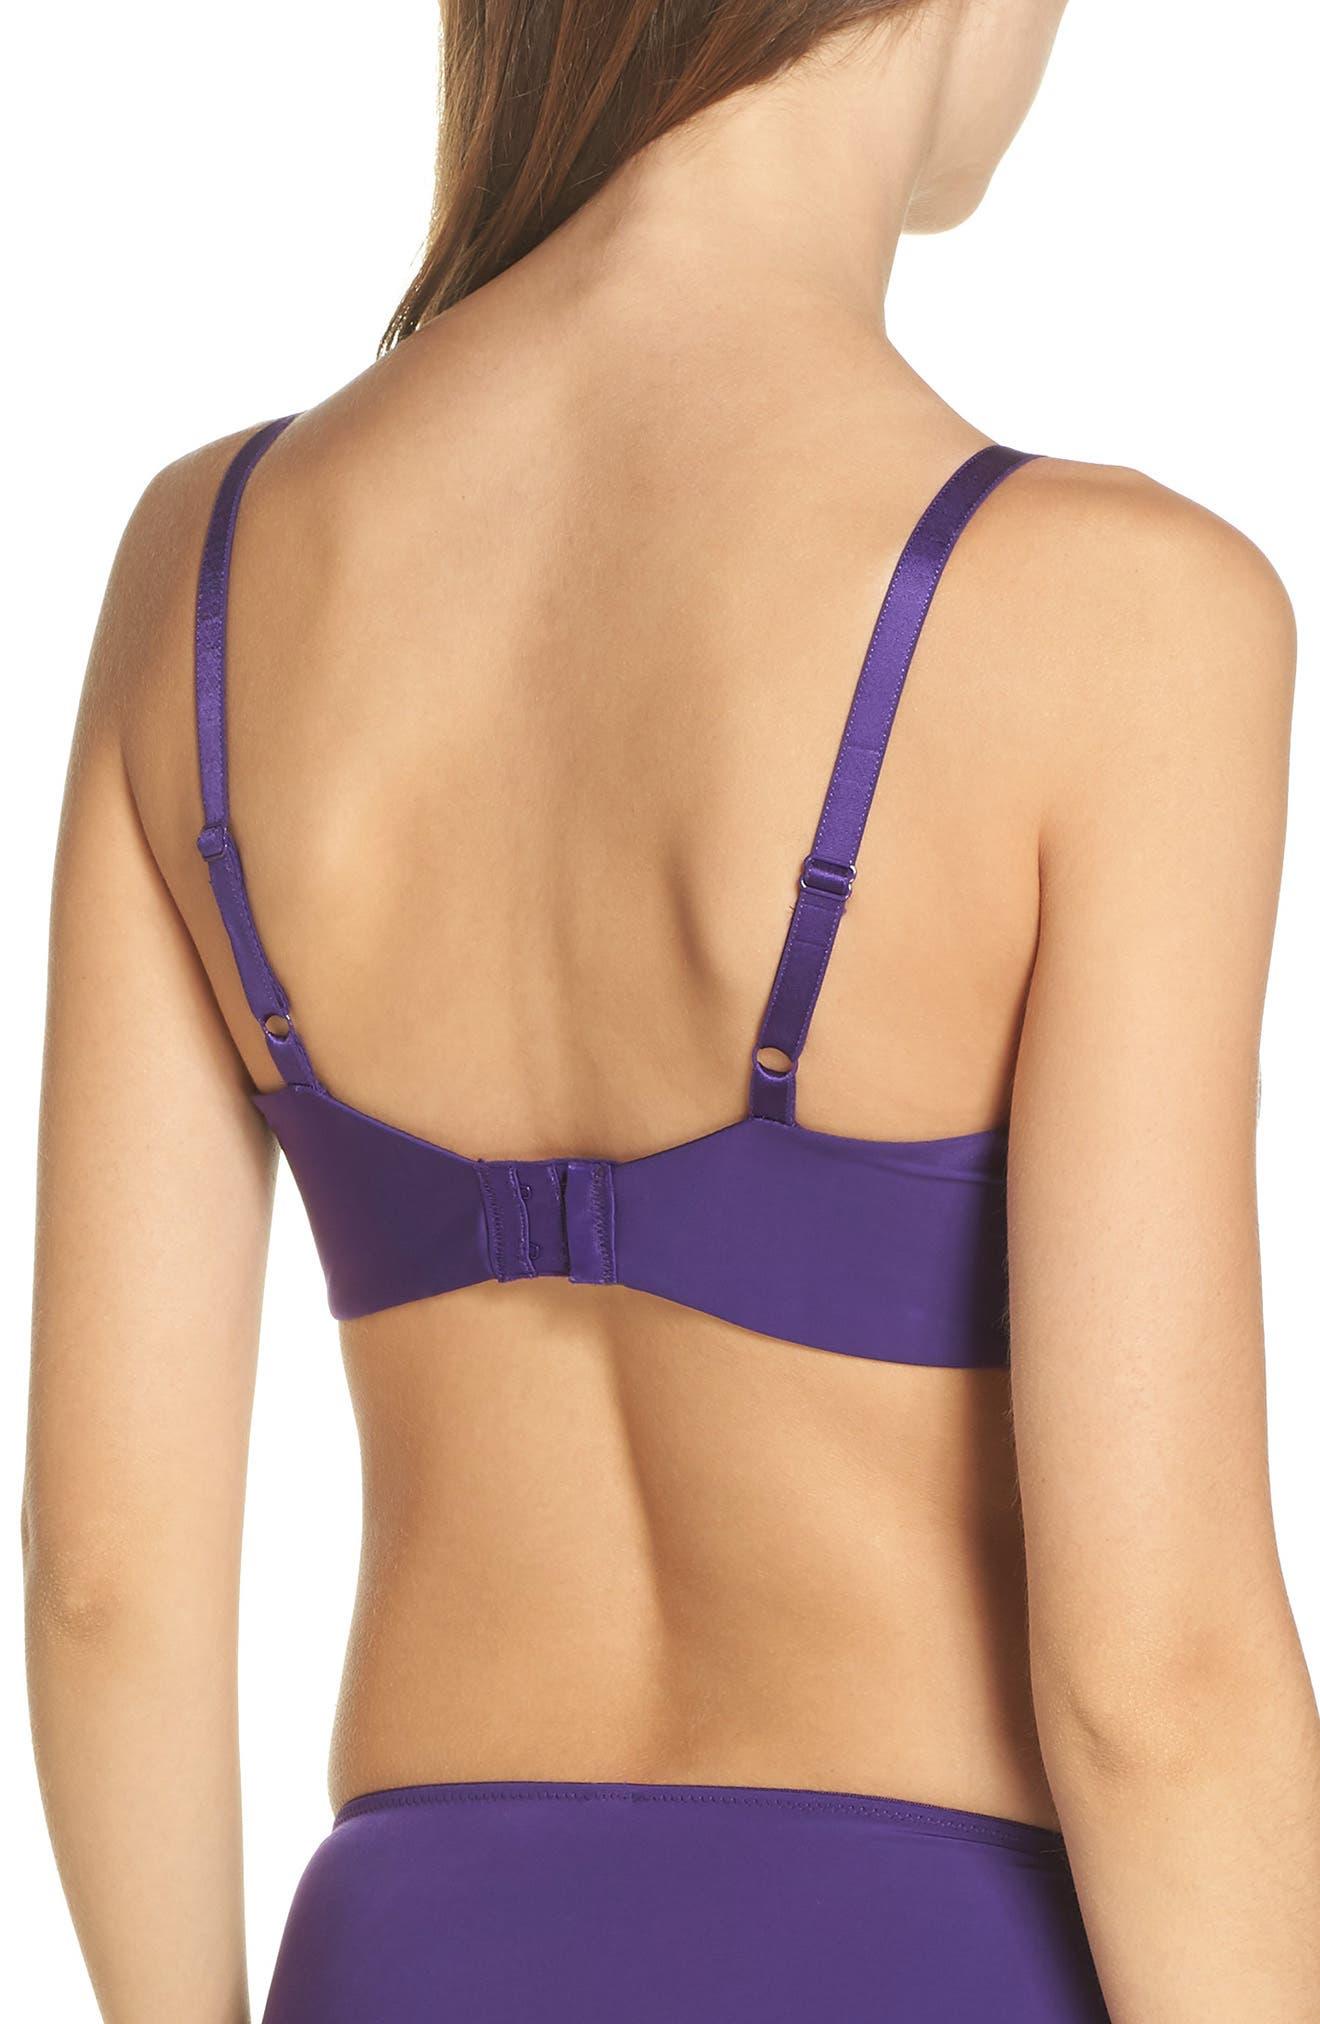 Lace Impression Lace Underwire T-Shirt Bra,                             Alternate thumbnail 2, color,                             VIOLET INDIGO